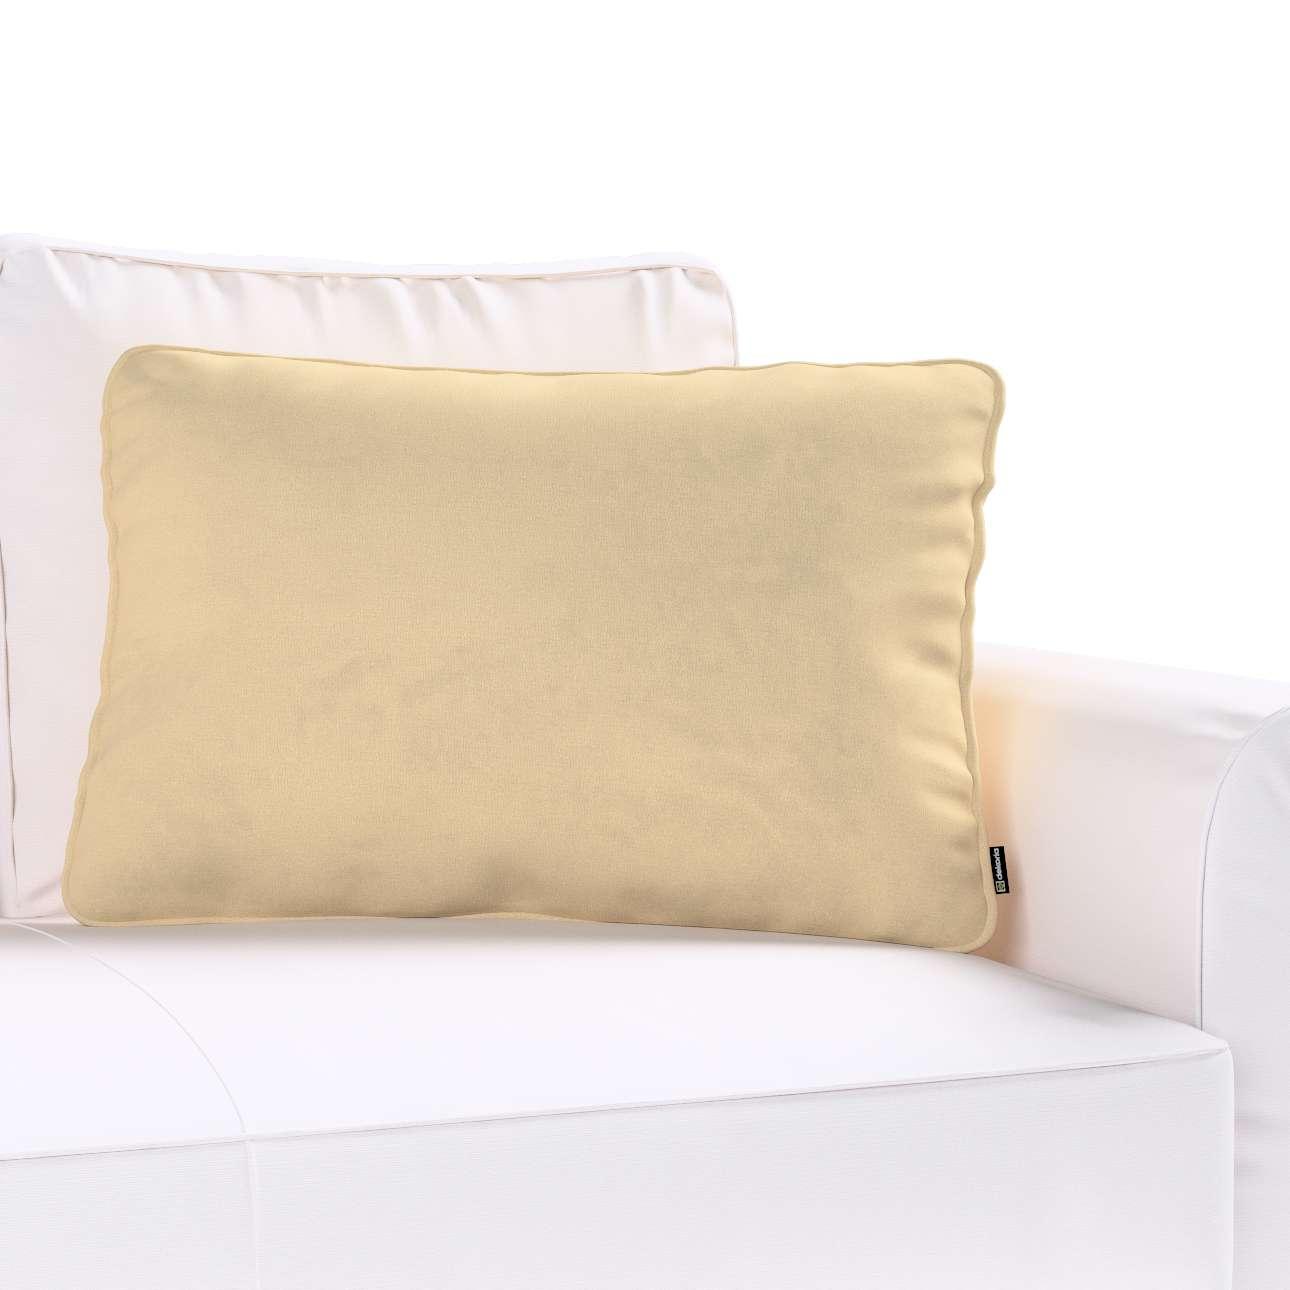 Poszewka Gabi na poduszkę prostokątna w kolekcji Living, tkanina: 160-82